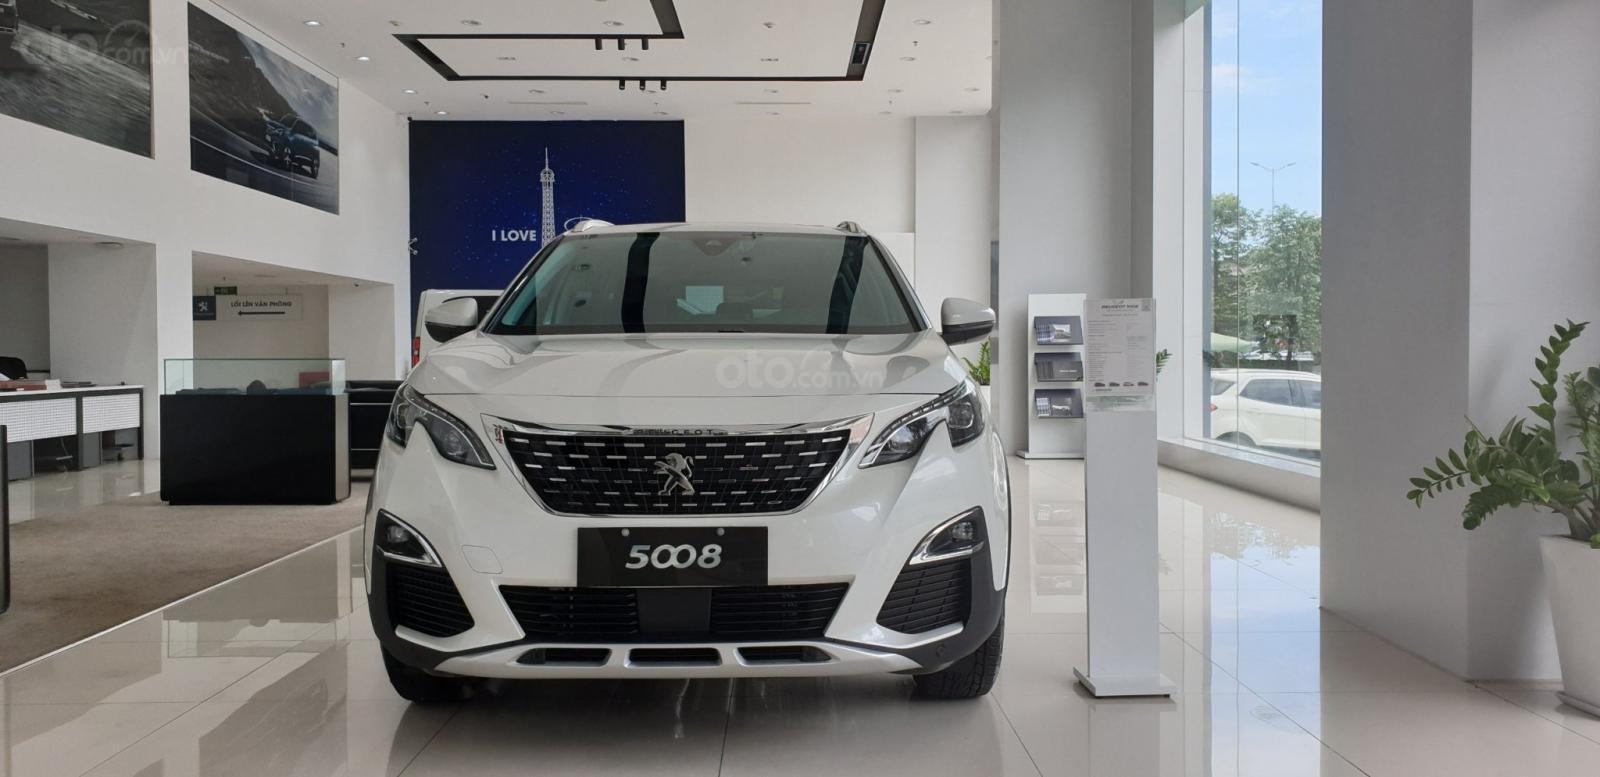 Peugeot Thanh Xuân - Peugeot 5008 giá tốt nhất thị trường + bảo hành chính hãng lên tới 5 năm-1